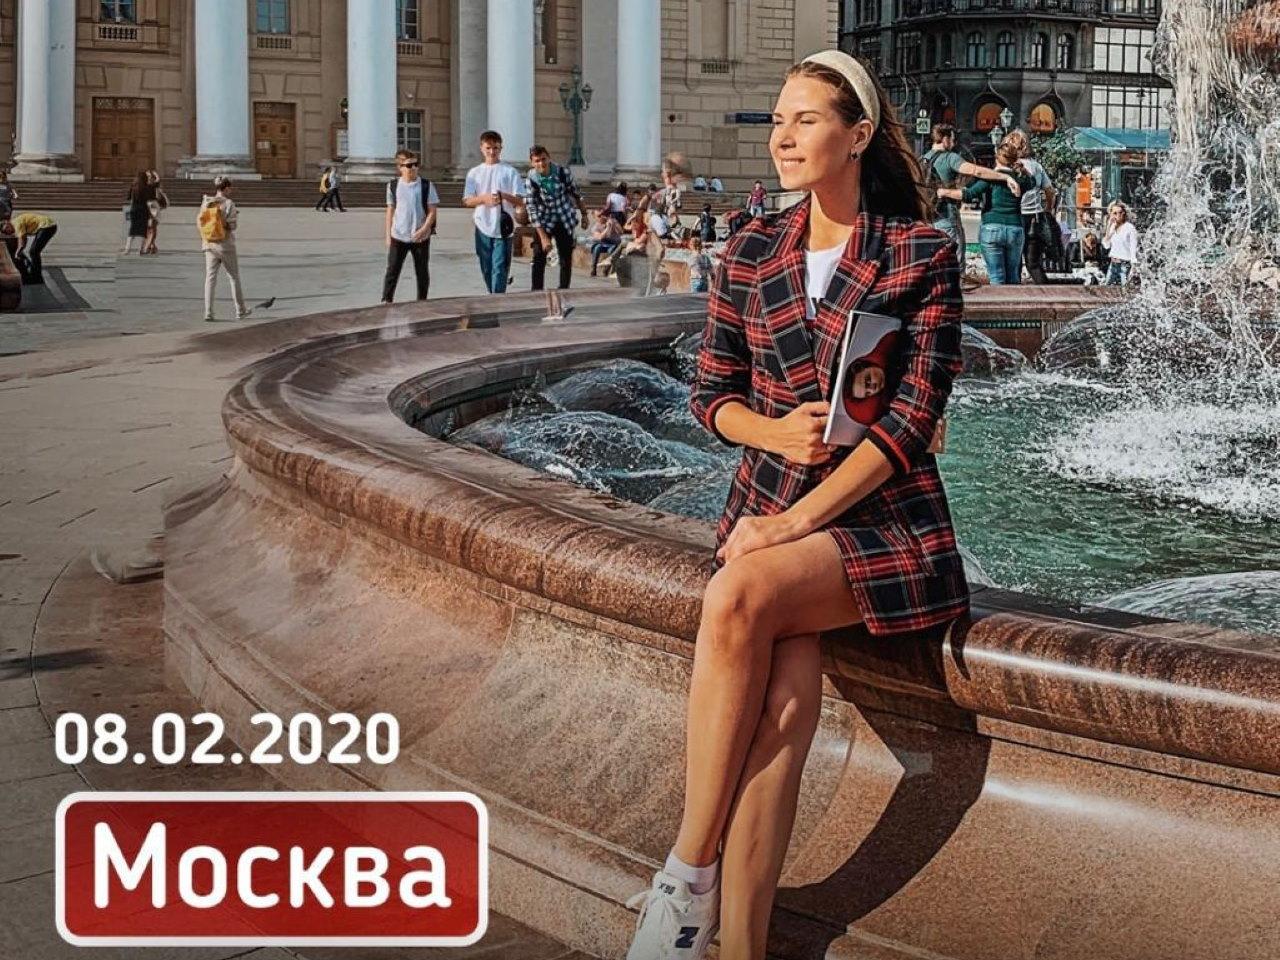 Тренинг «Говорим с мужчинами по-женски» в открытом формате пройдёт в Москве